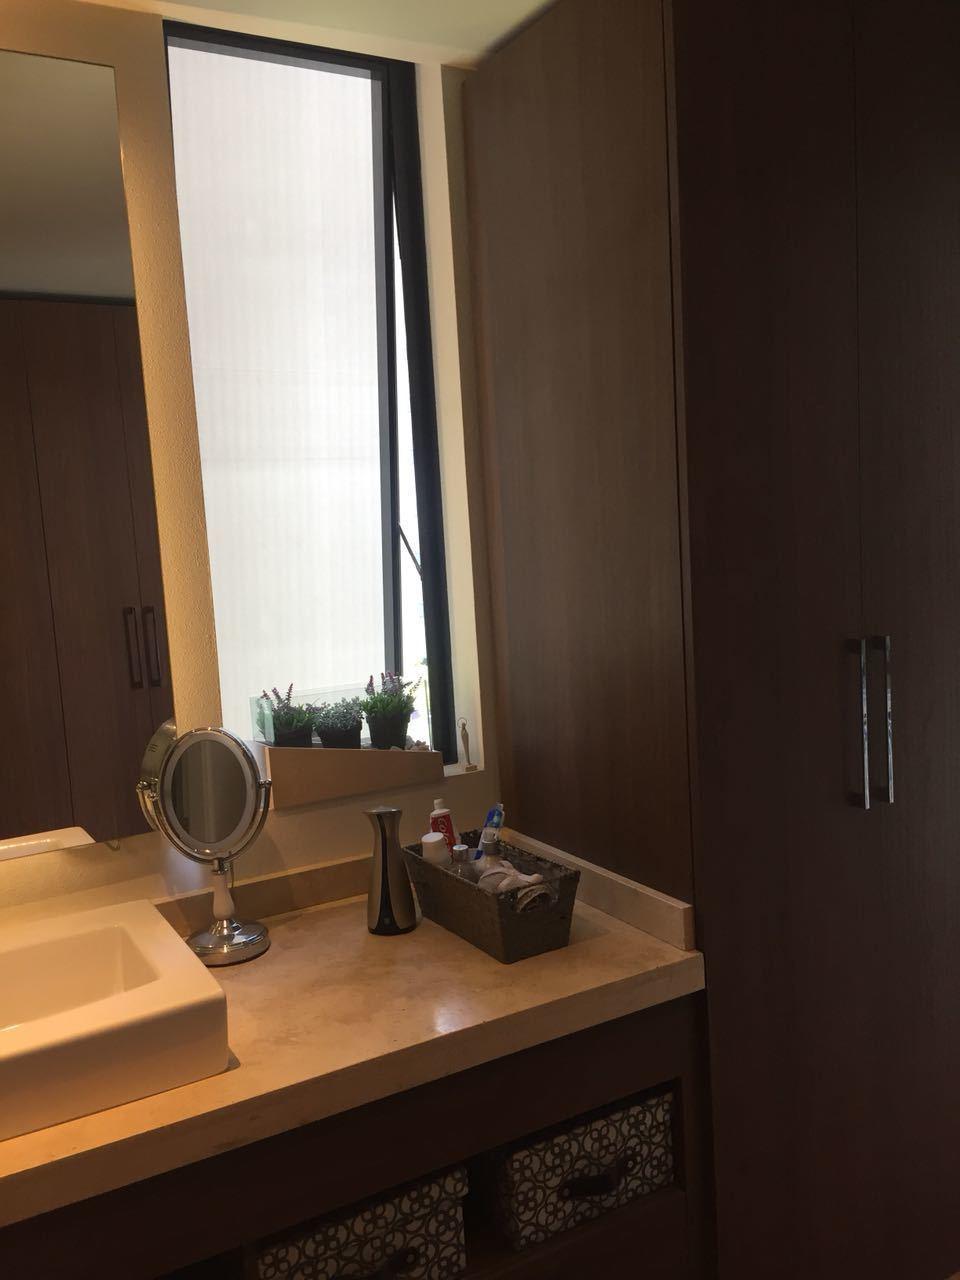 8 de 39: Baño y vestidor